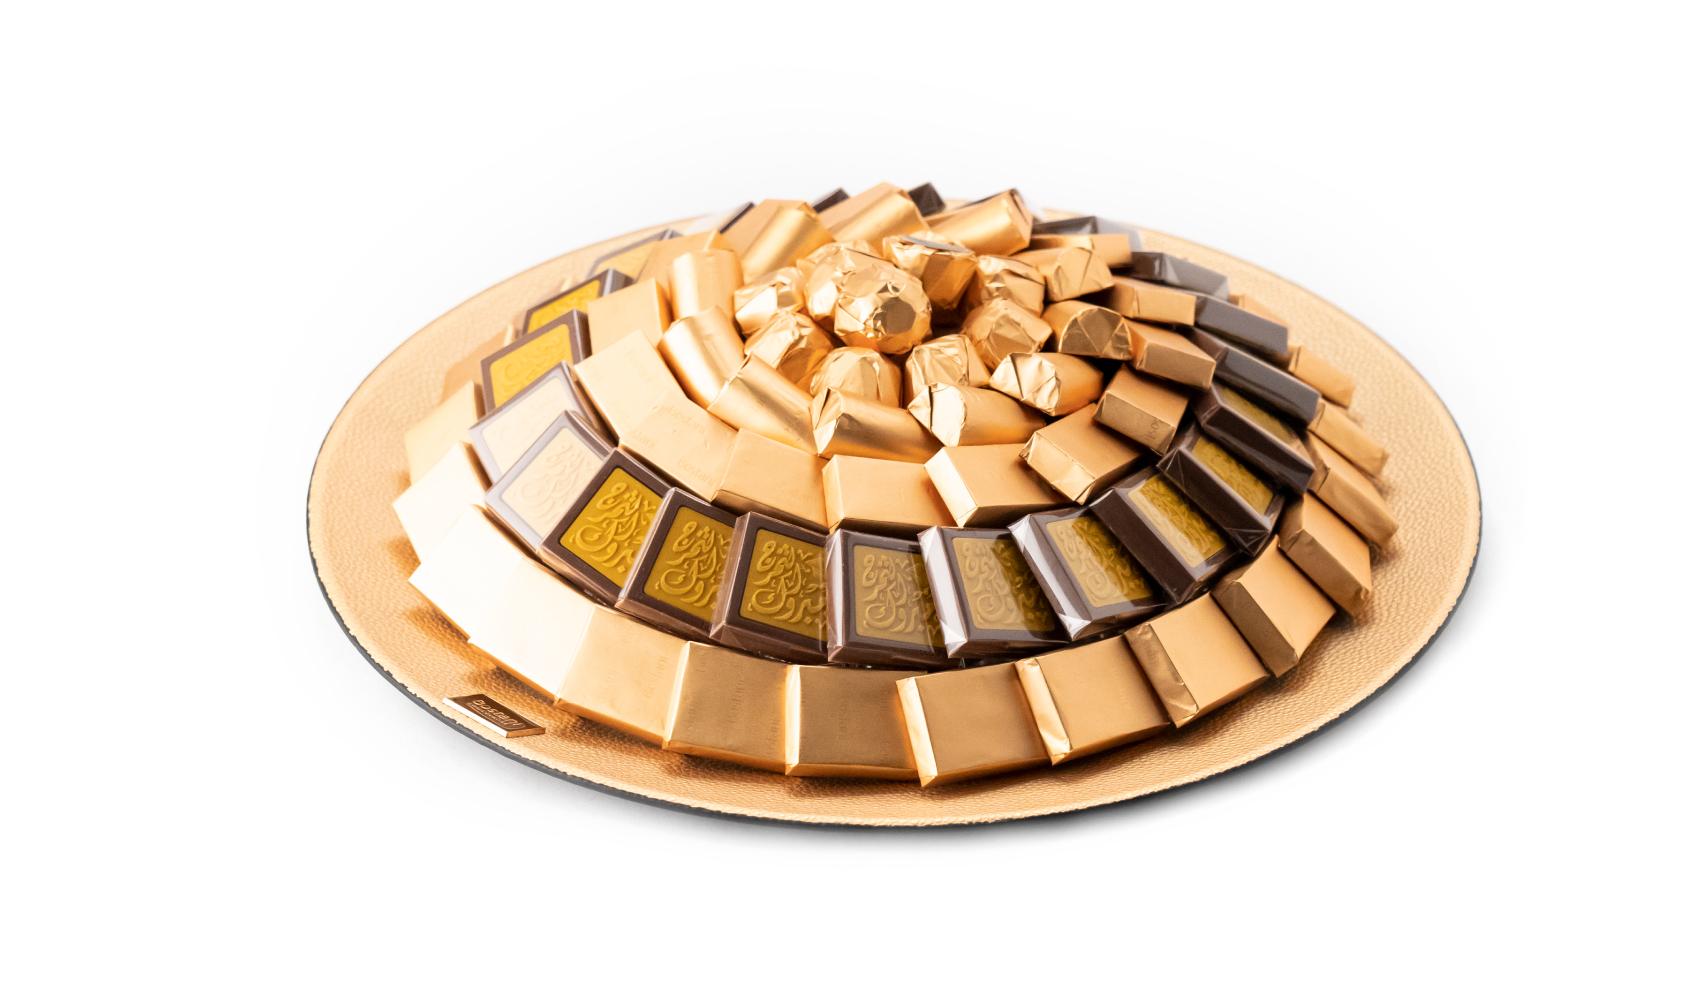 صينية جلد مبروك التخرج ذهبي كبير